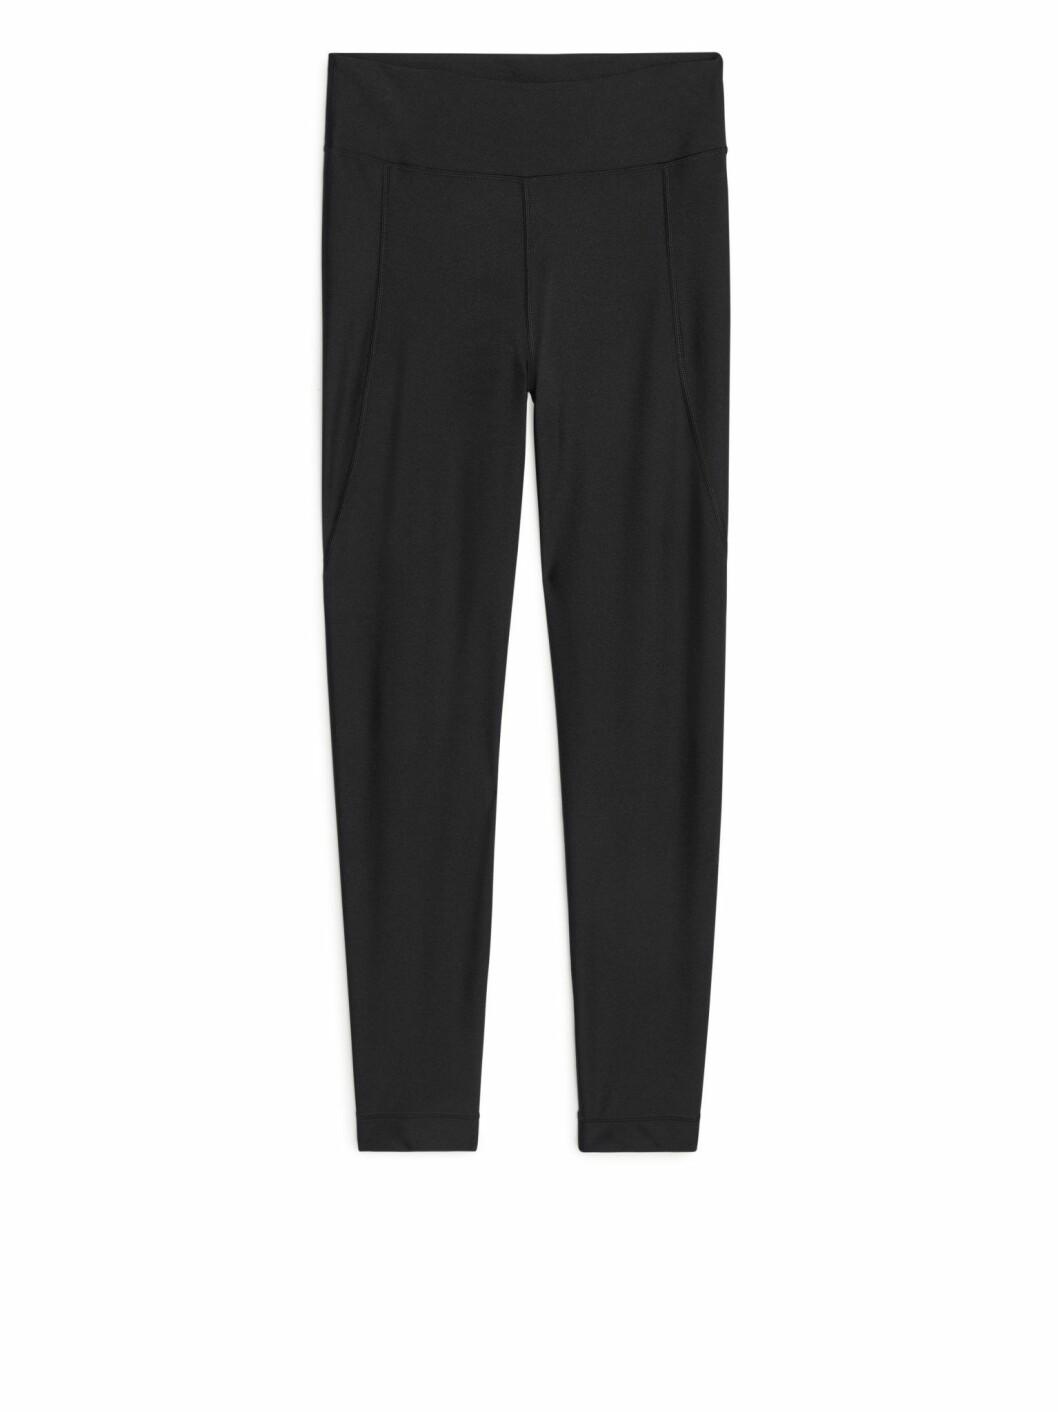 Matcha looken med ett par användbara leggings i svart, även dem från Arket.